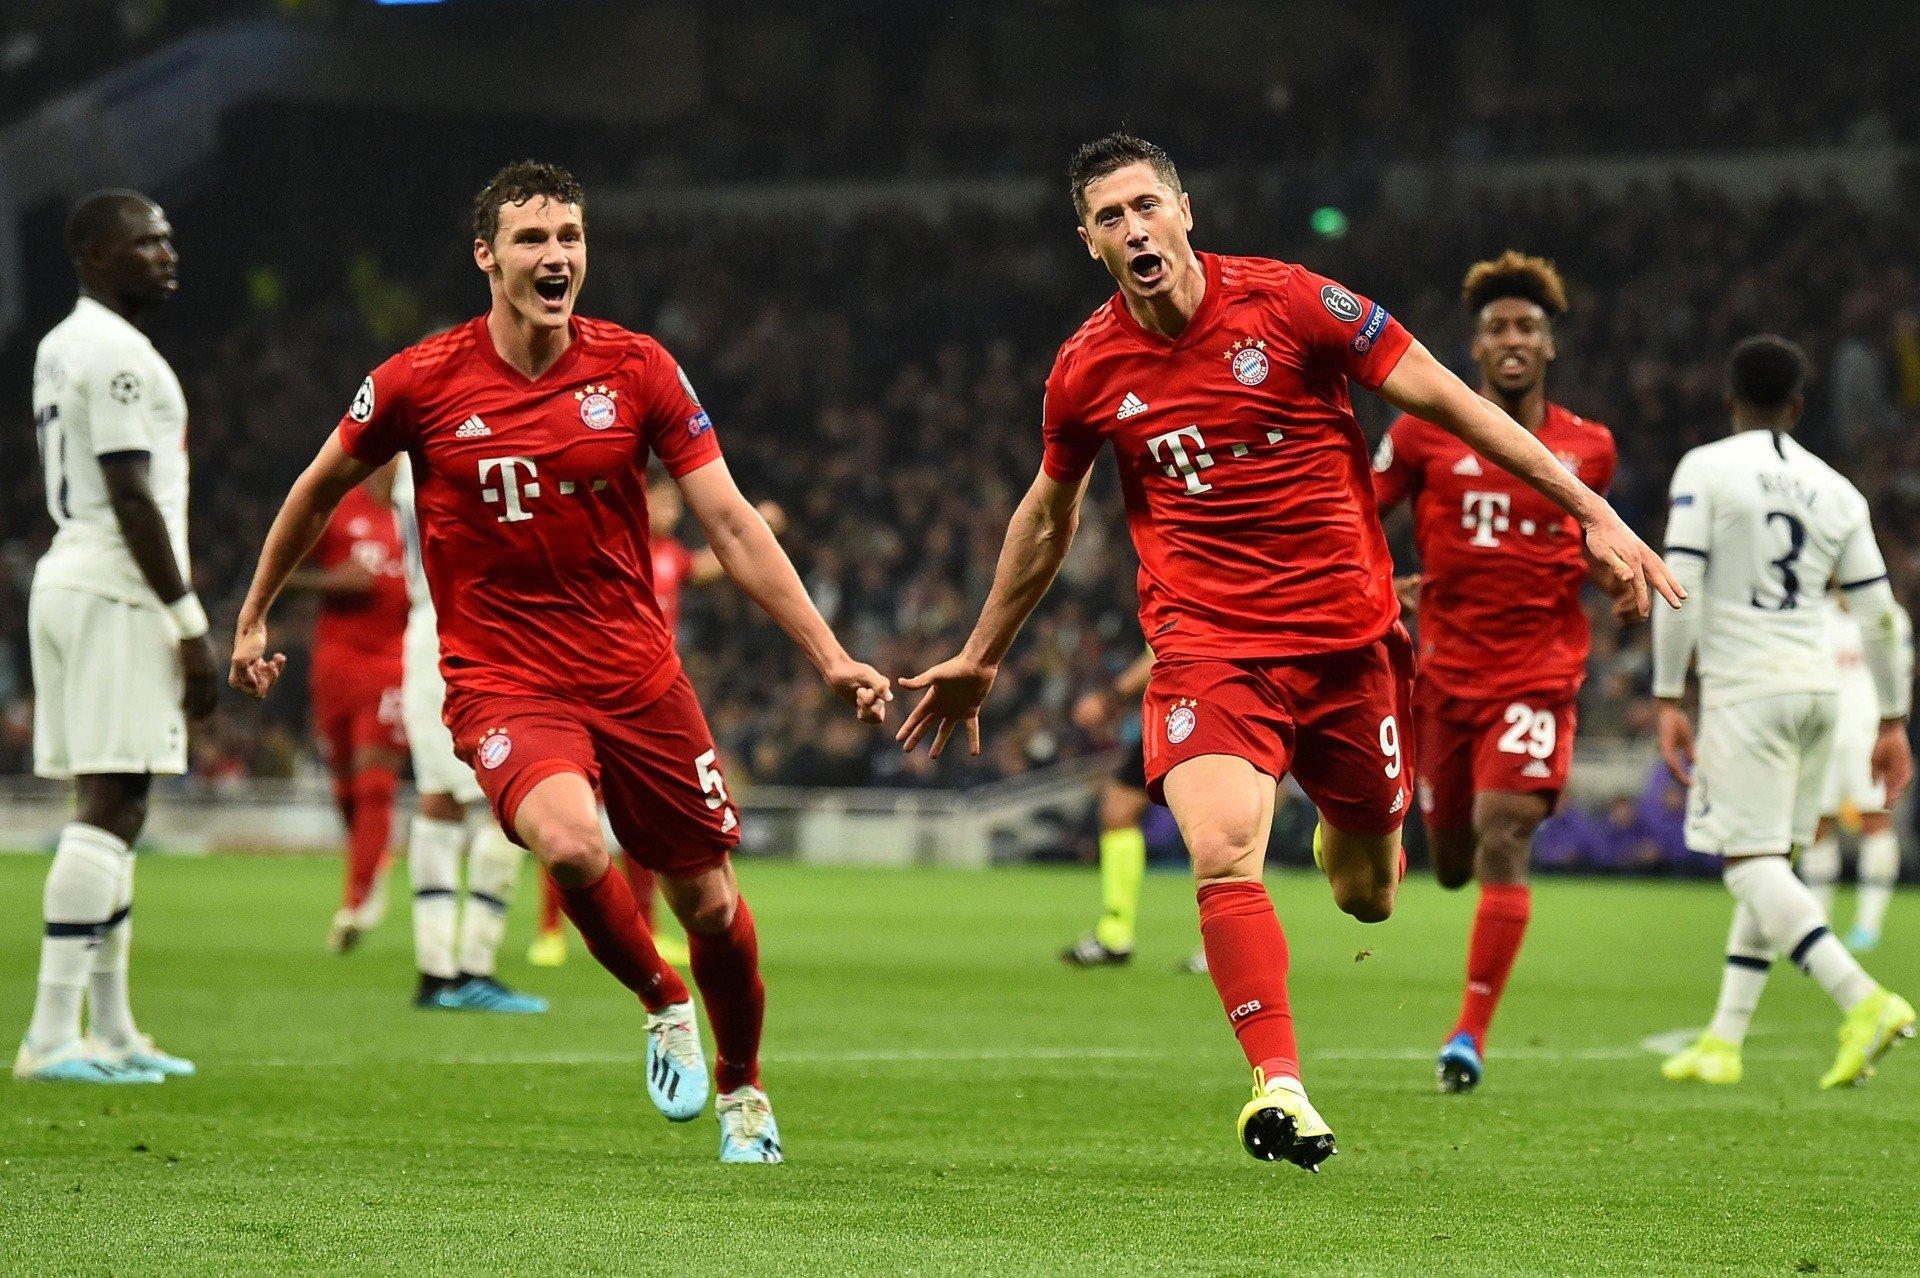 Mecz Bayern Monachium - Chelsea Londyn ONLINE. Gdzie oglądać w telewizji? TRANSMISJA TV NA ŻYWO | Gol24